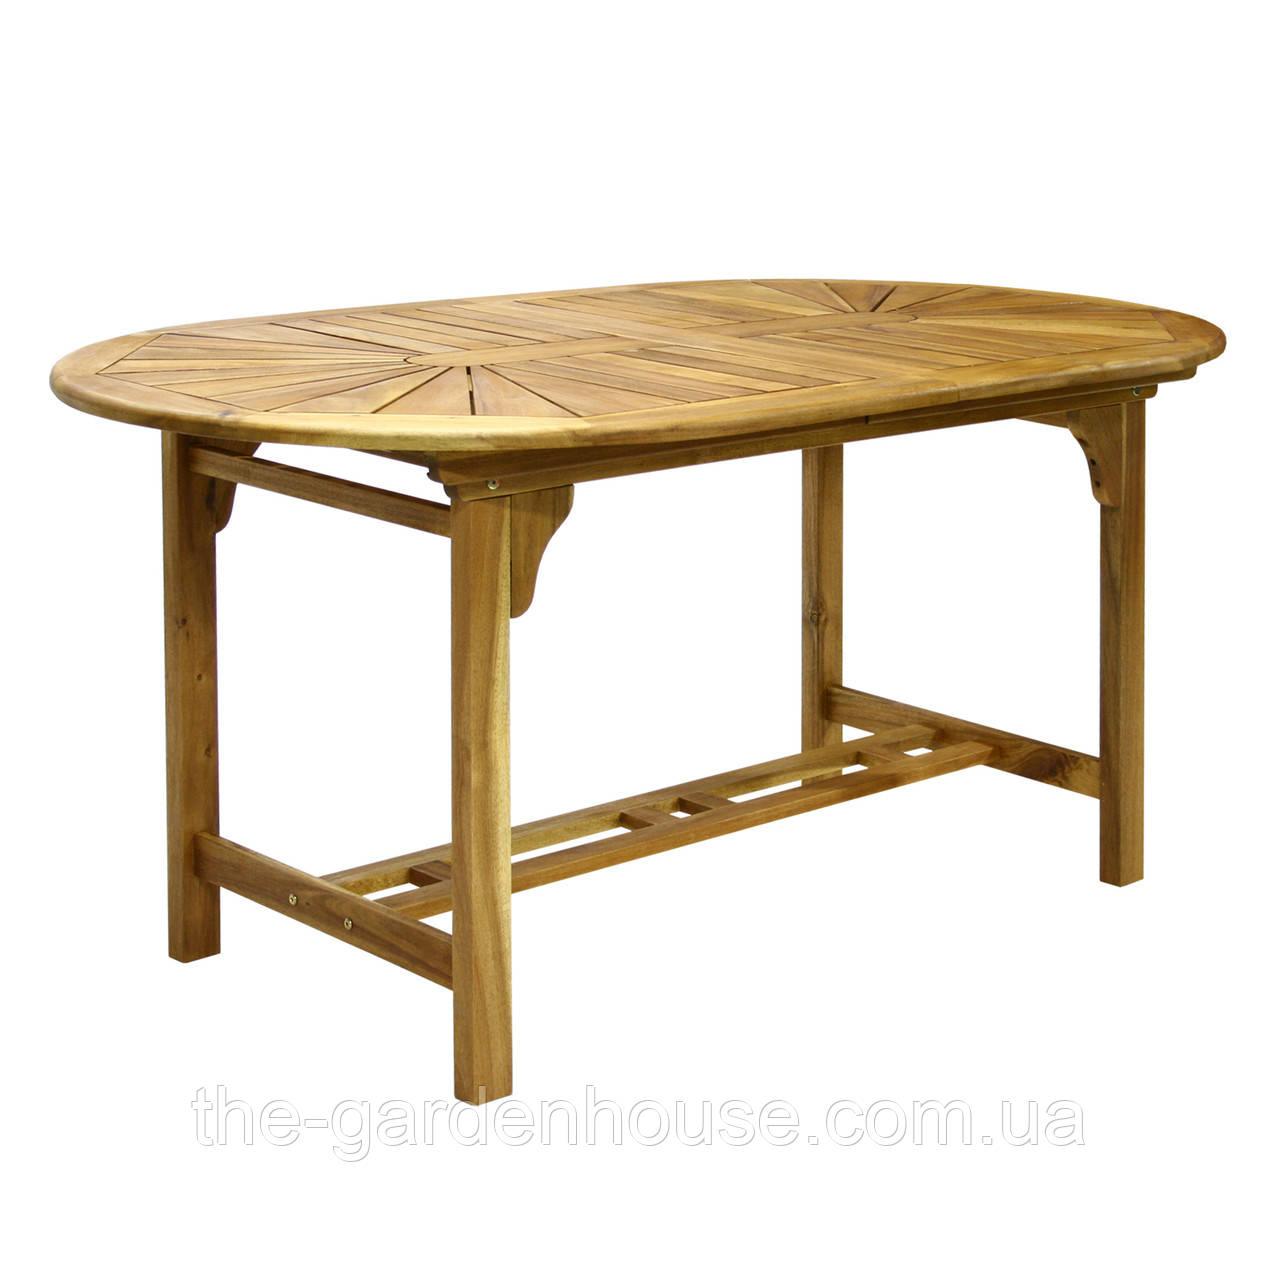 Раскладной стол Finlay из массива акации 153/195x90xH72 см, фото 1